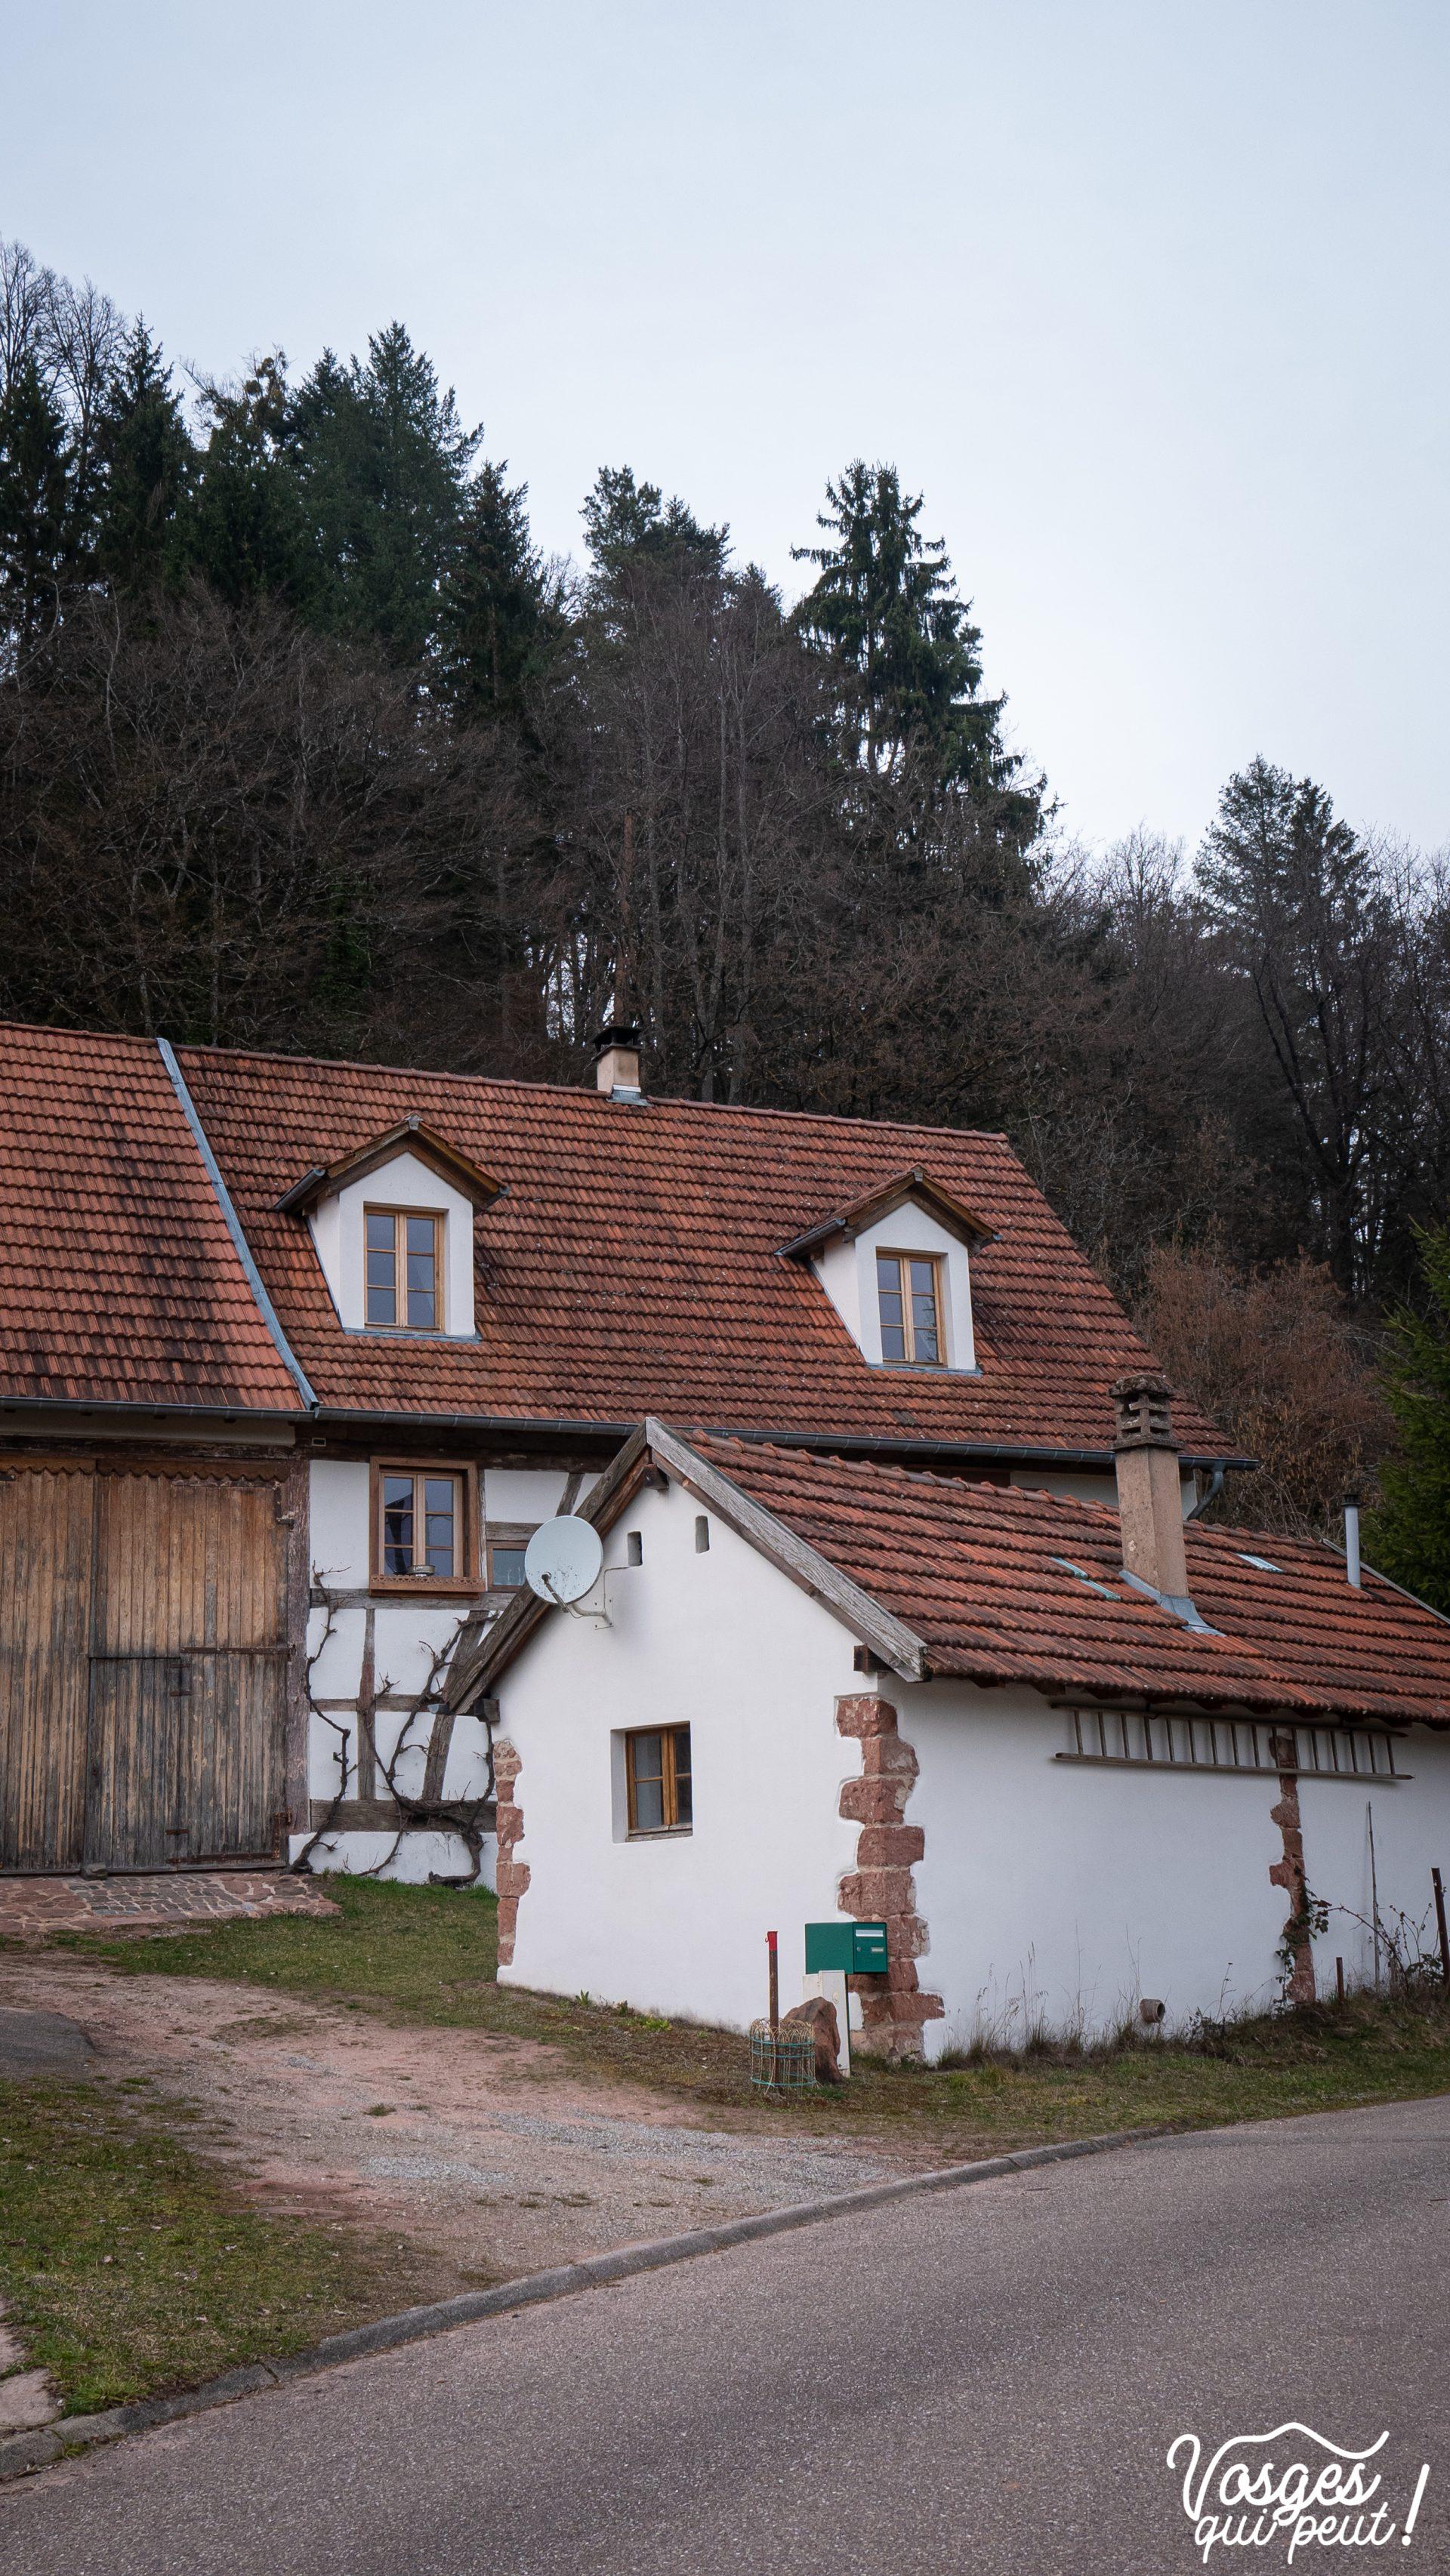 Maison à colombages dans le village de Waldeck